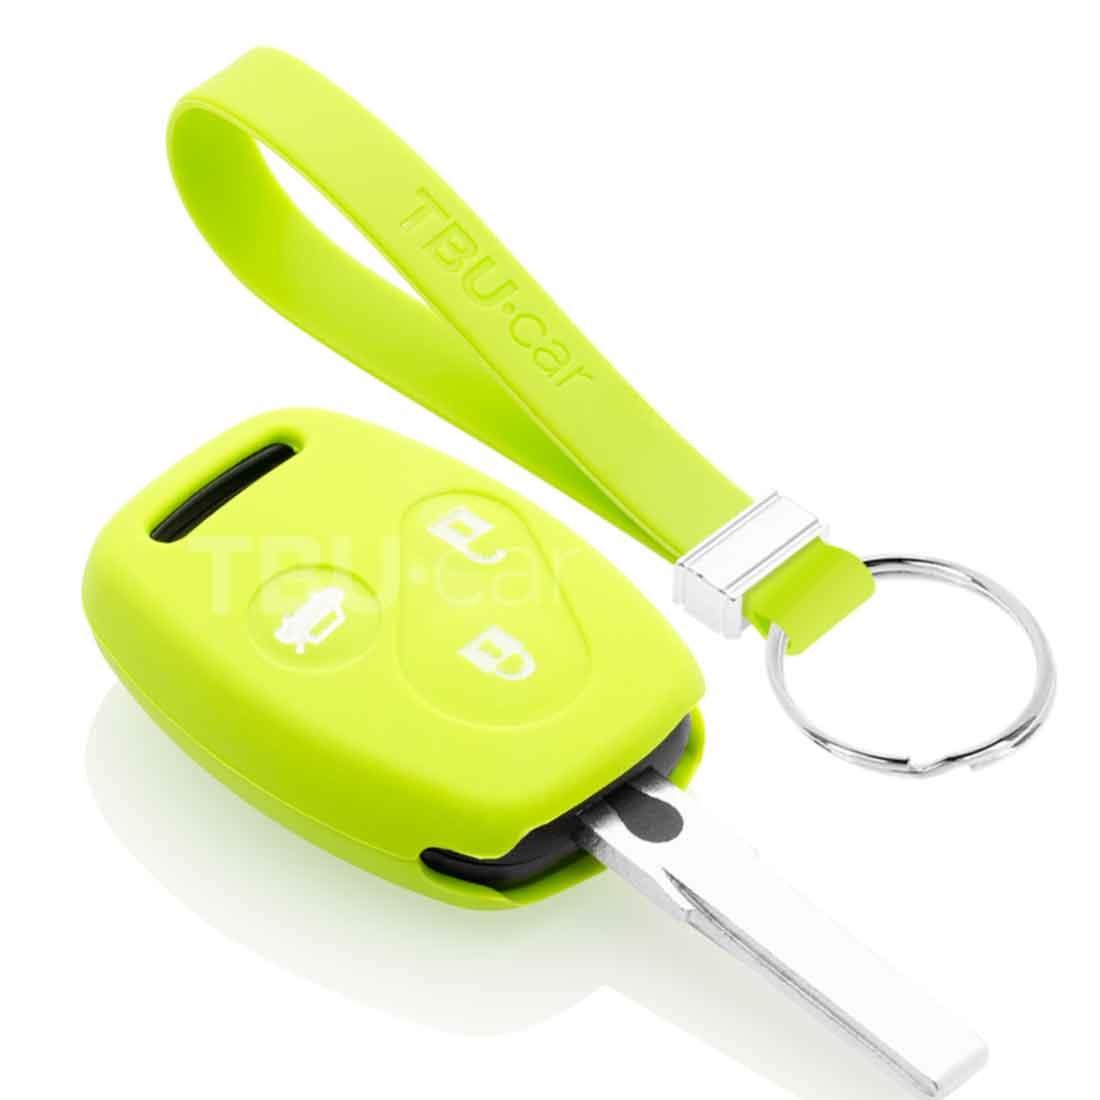 TBU car TBU car Autoschlüssel Hülle kompatibel mit Honda 3 Tasten - Schutzhülle aus Silikon - Auto Schlüsselhülle Cover in Lindgrün